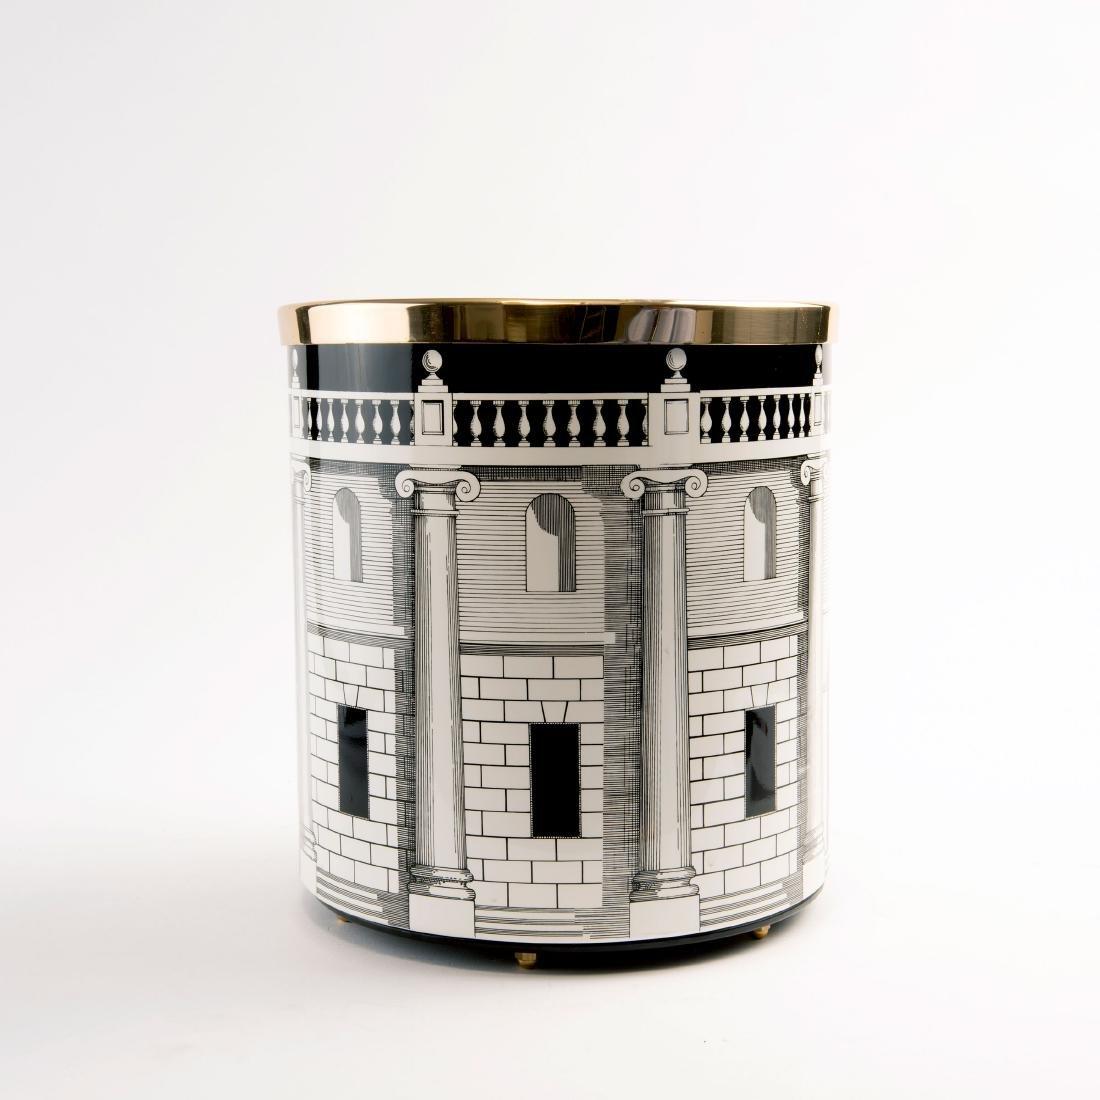 'Casa con colonne' wastepaper bin, 1950s - 2